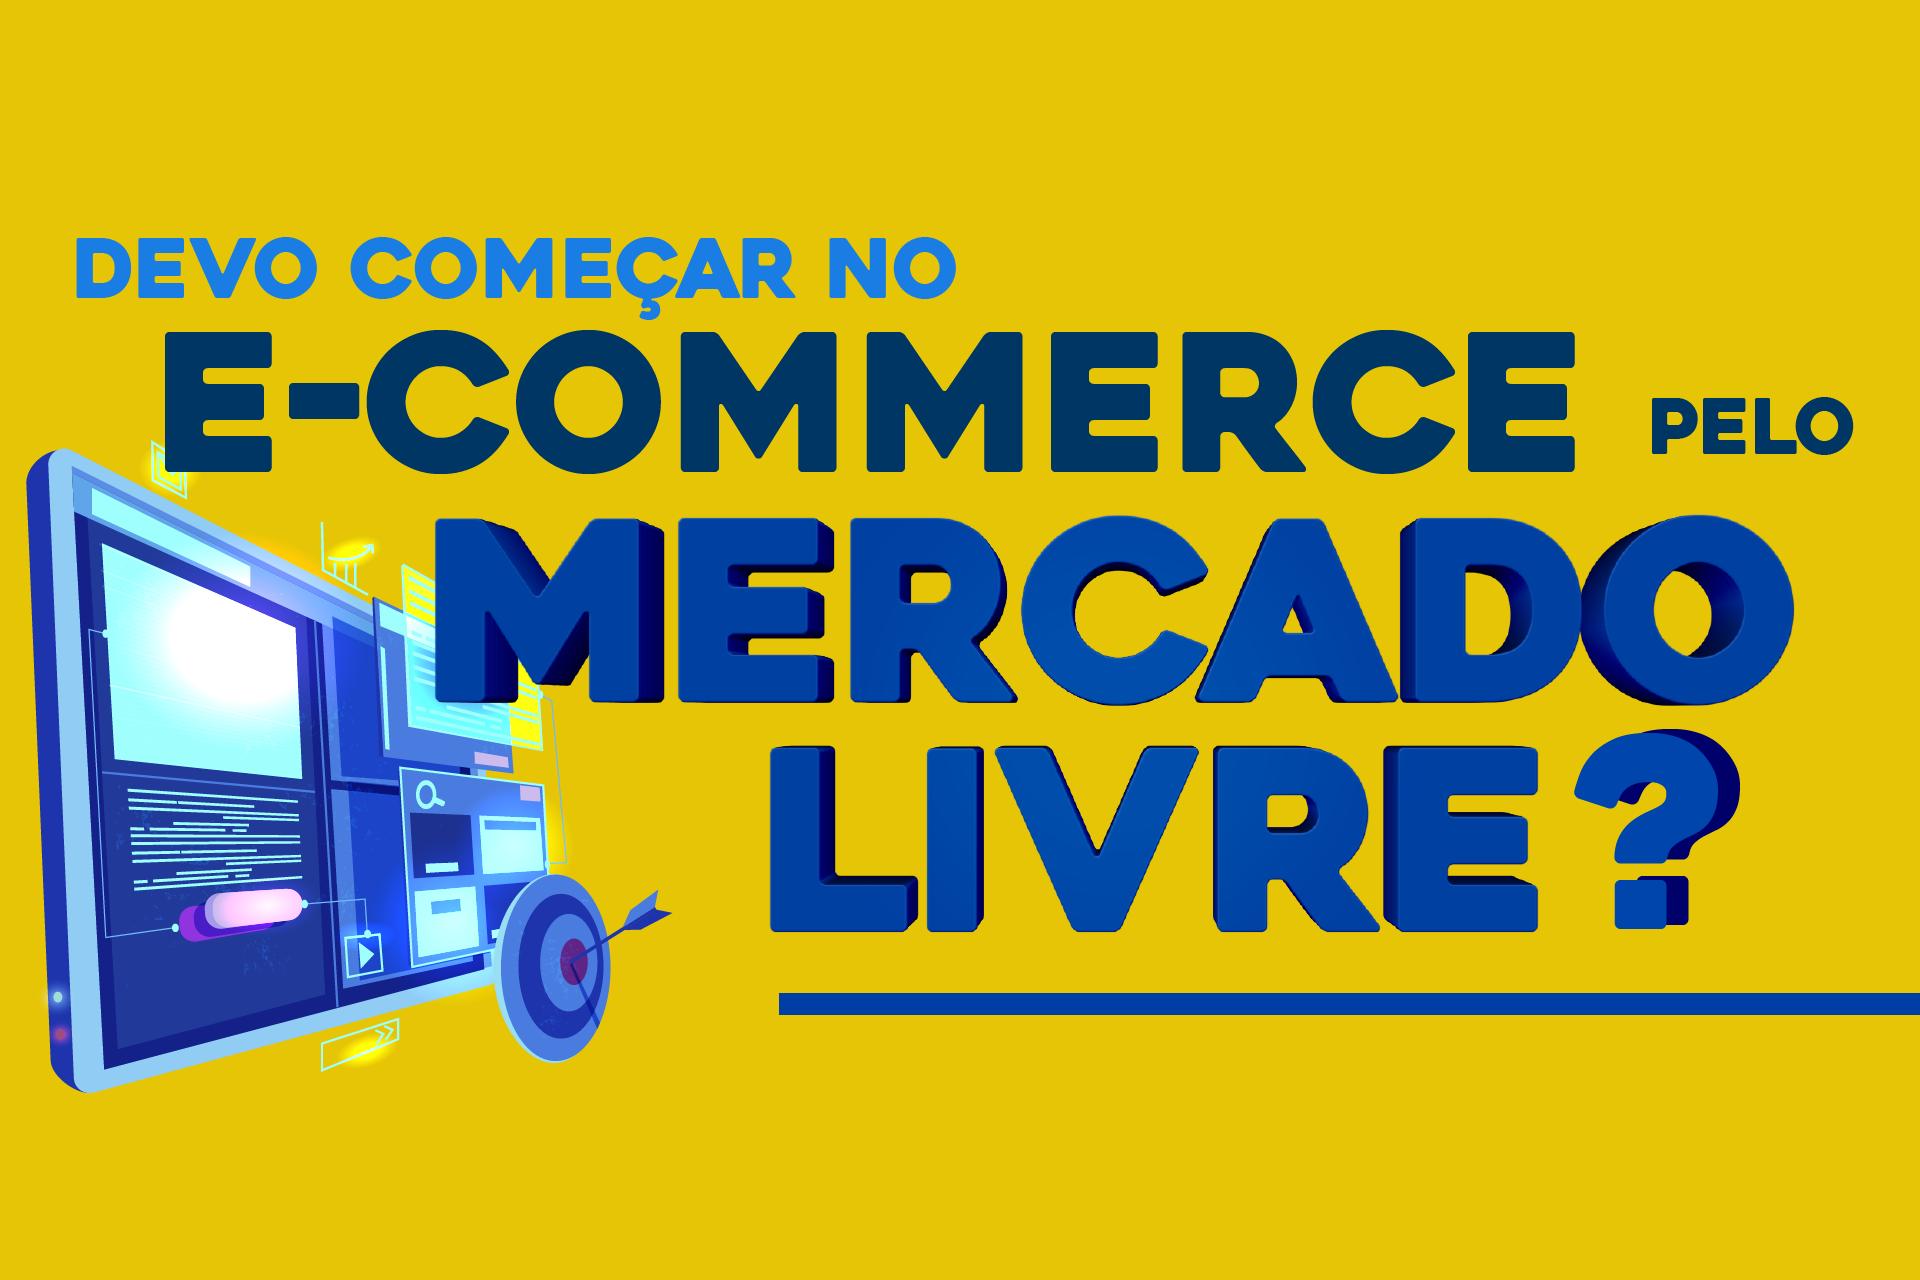 Devo Começar no E-commerce, pelo Mercado Livre?